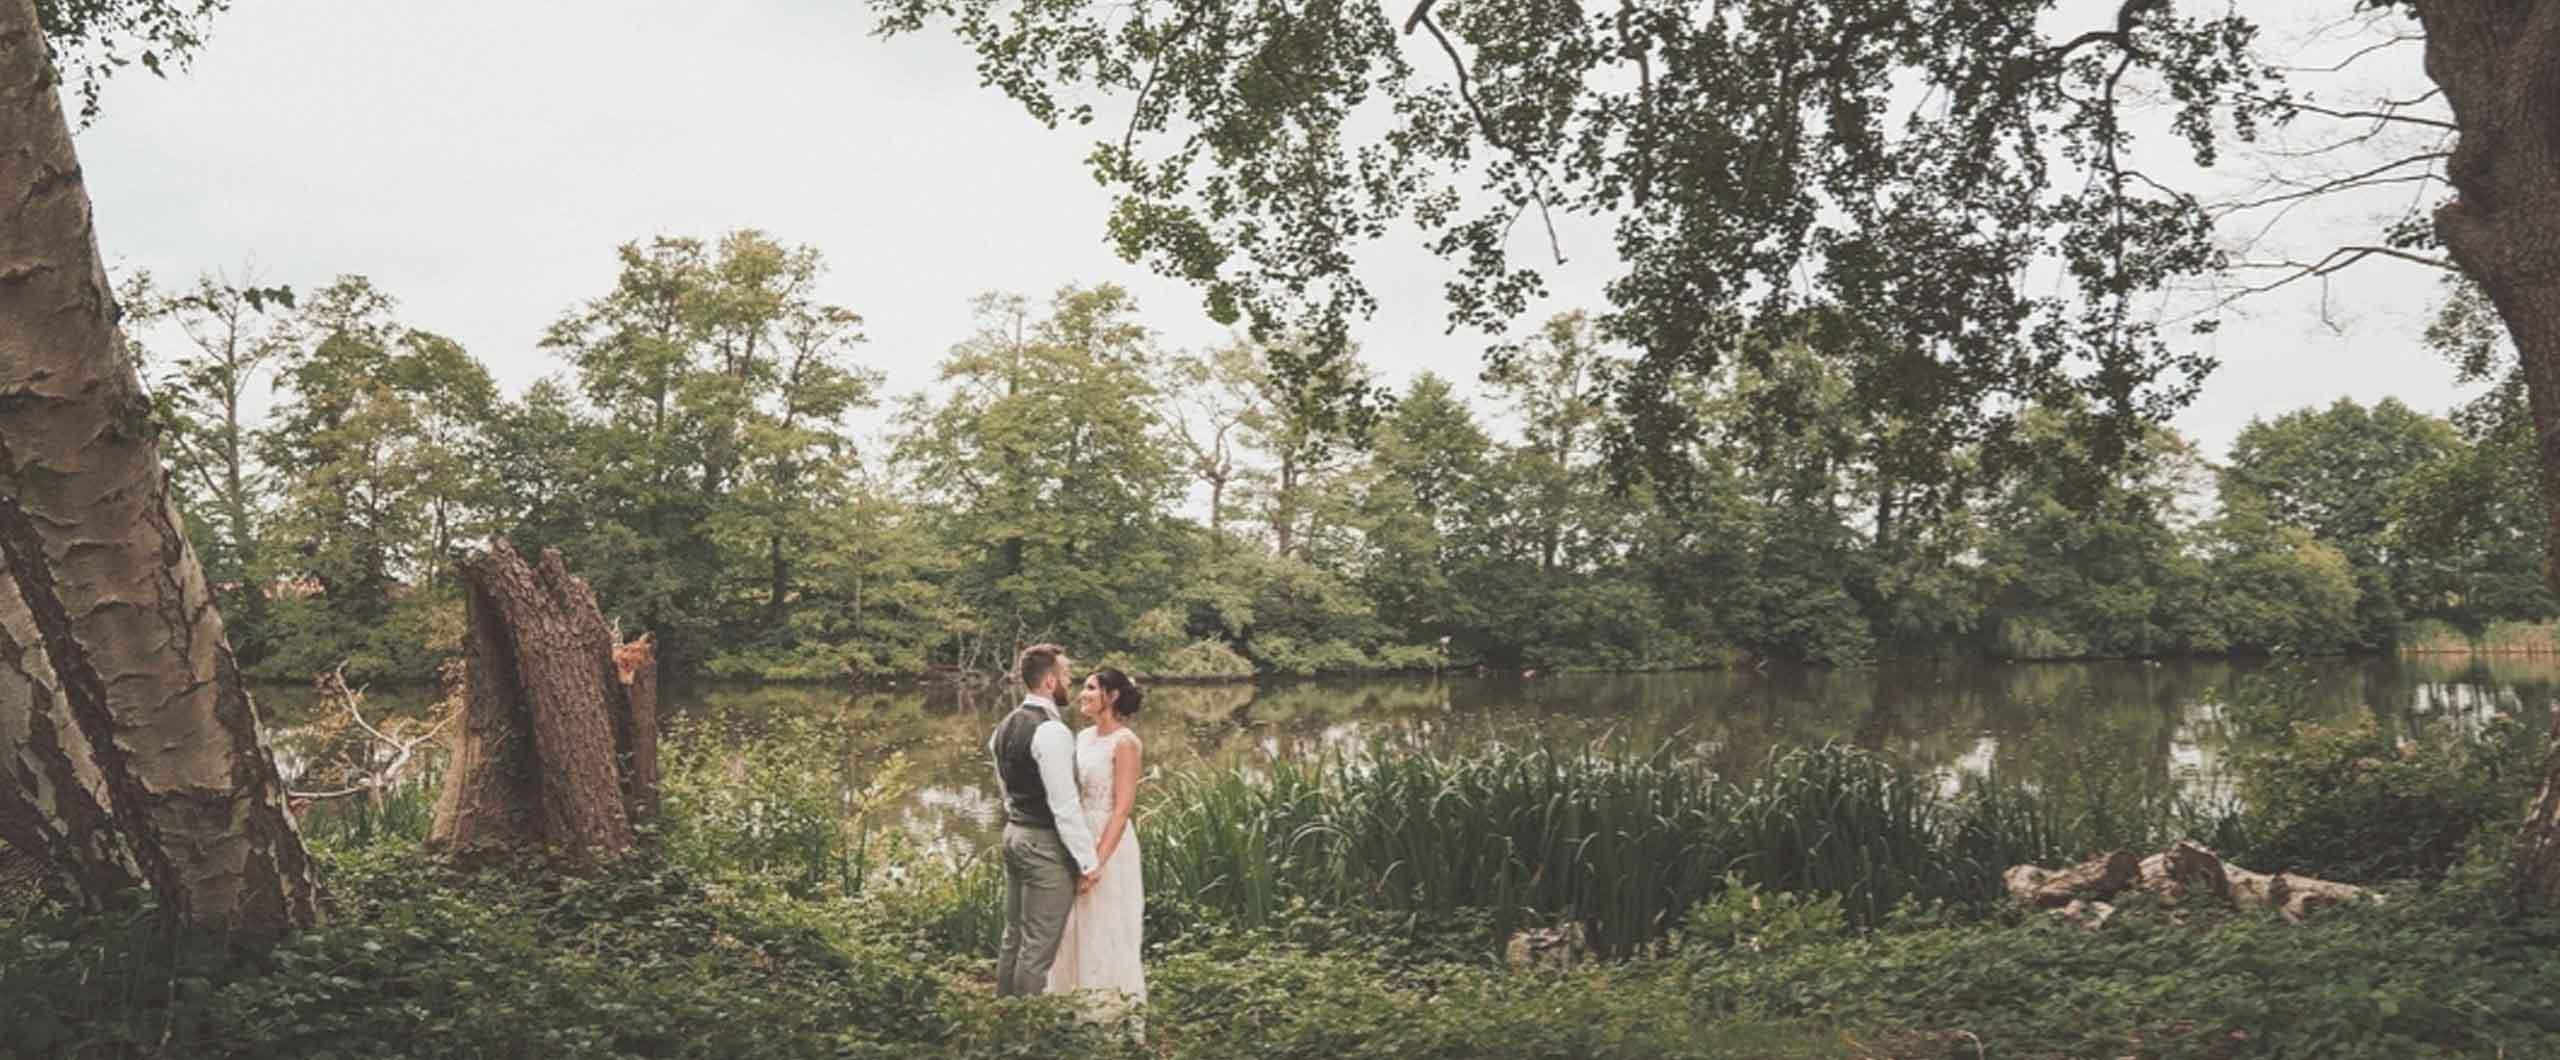 Historic wedding venues in Surrey